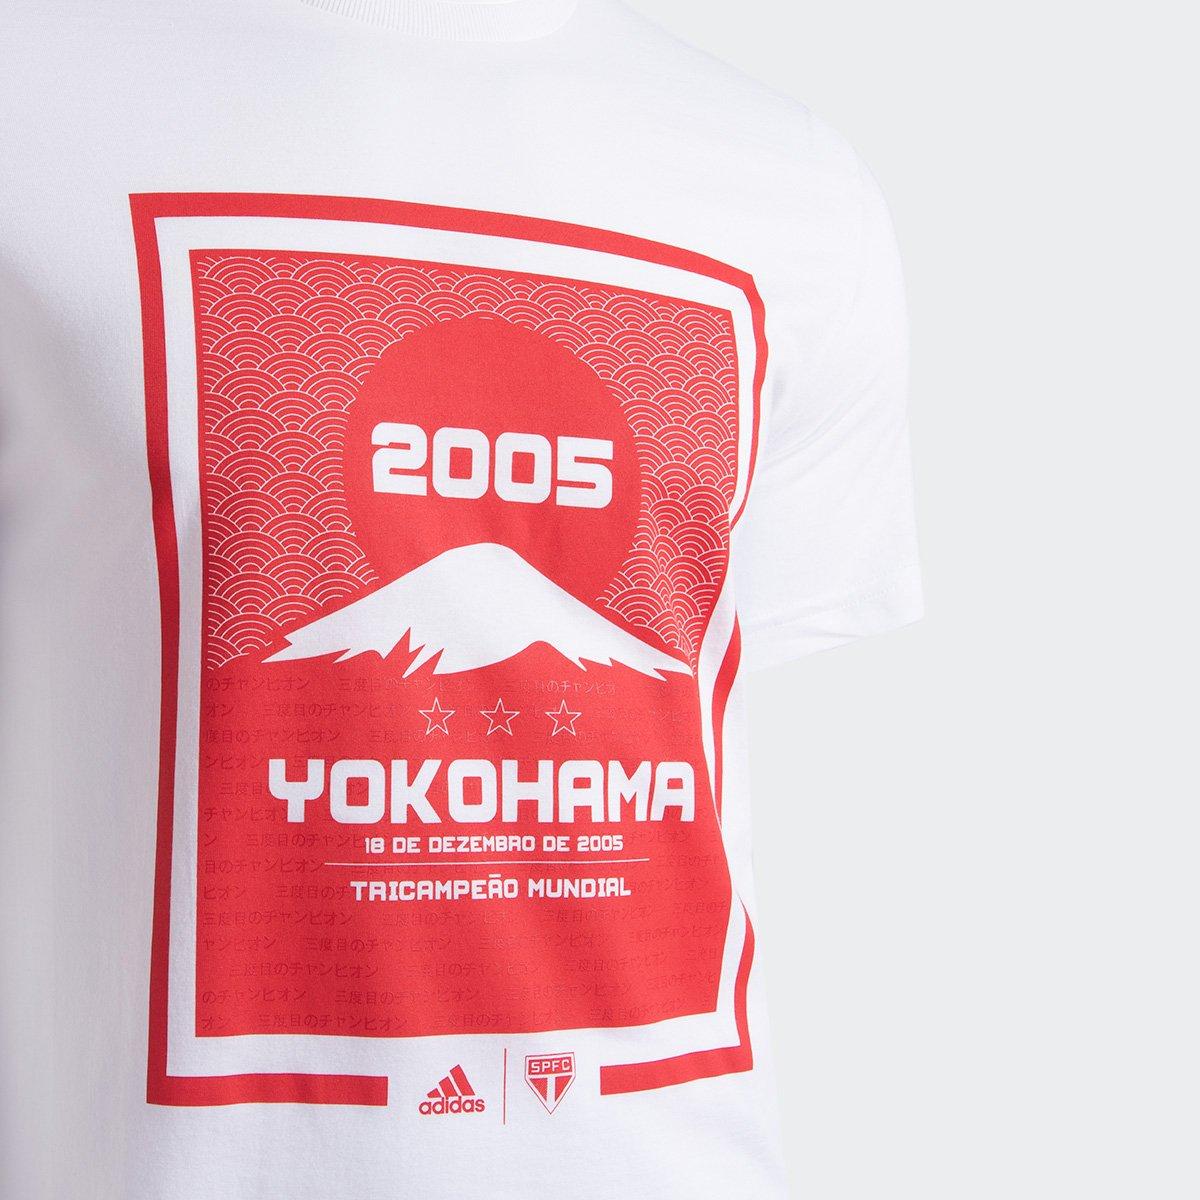 Camisa São Paulo 2005 Yokohama